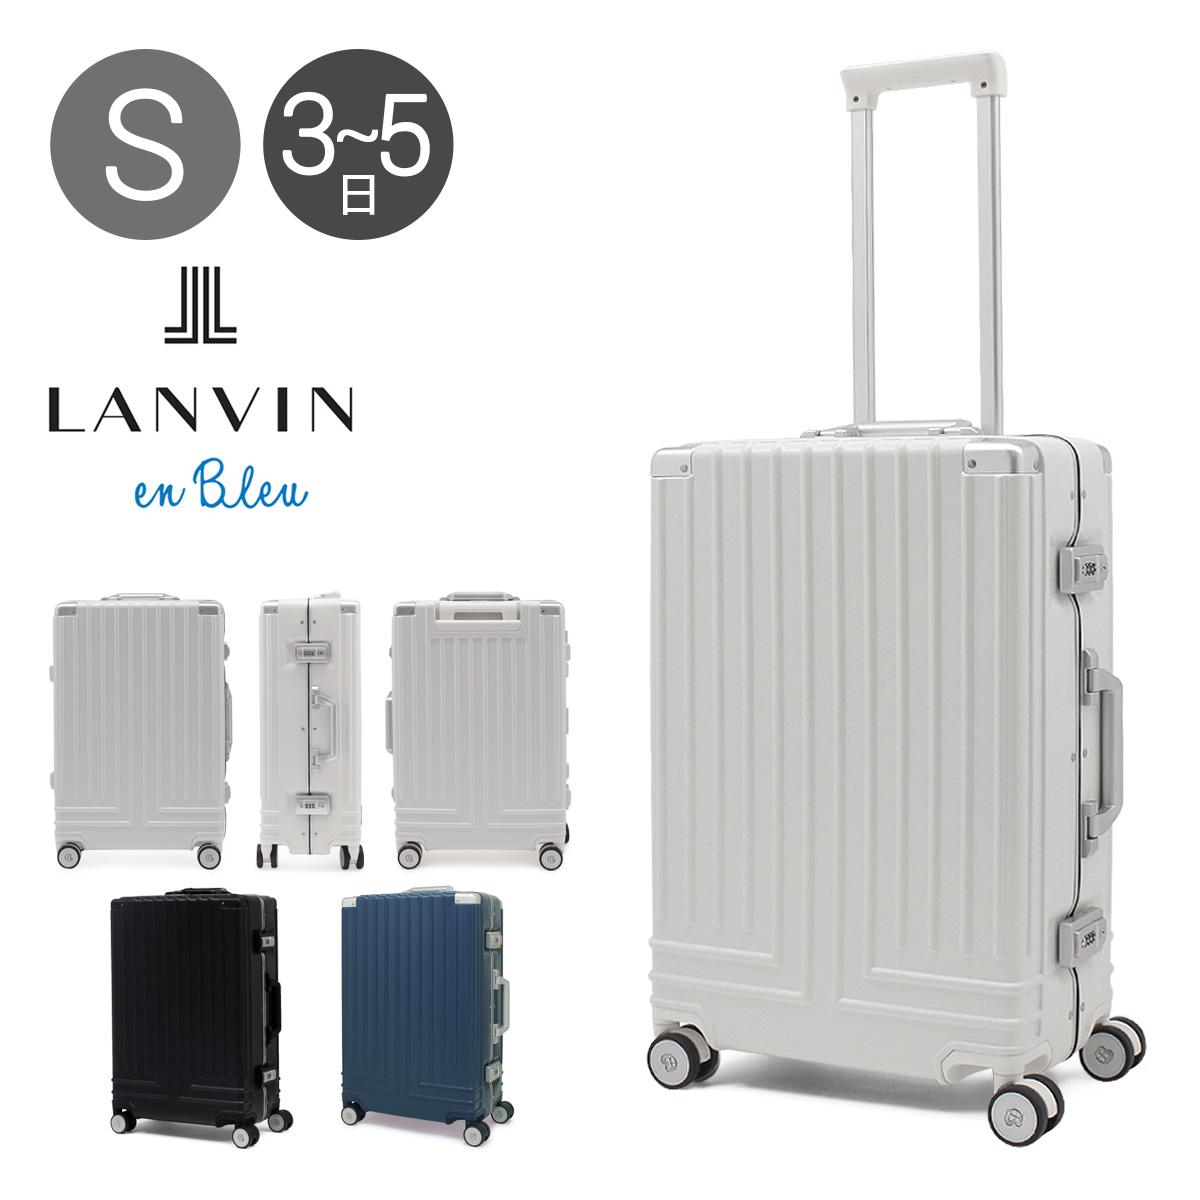 ランバンオンブルー スーツケース 42L 56cm 3.9kg ハード フレーム ヴィラージュ 595312 キャリーケース 軽量 TSAロック搭載 4輪 LANVIN en Bleu [bef][即日発送]